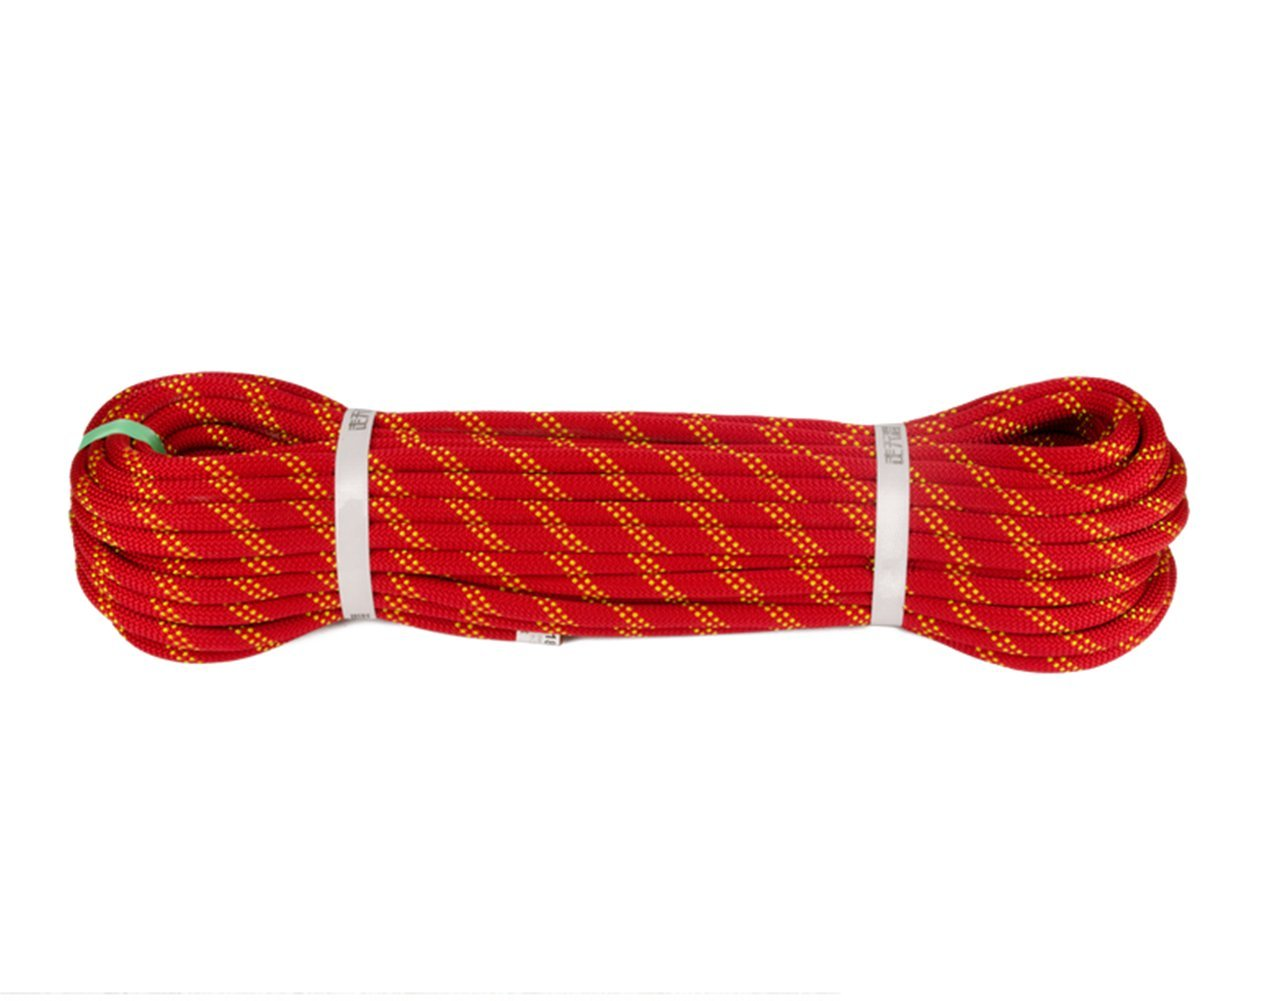 注目の HONEI 10.5mm クライミングロープ B07BLP2WTC アウトドア スタティックロープ ザイル ガイロープ UIAA認証 耐荷重2600㎏ 登山 5色選べる アウトドア キャンプ 防災 安全 5色選べる B07BLP2WTC レッド 10m 10m レッド, イクノク:6a5d7676 --- a0267596.xsph.ru